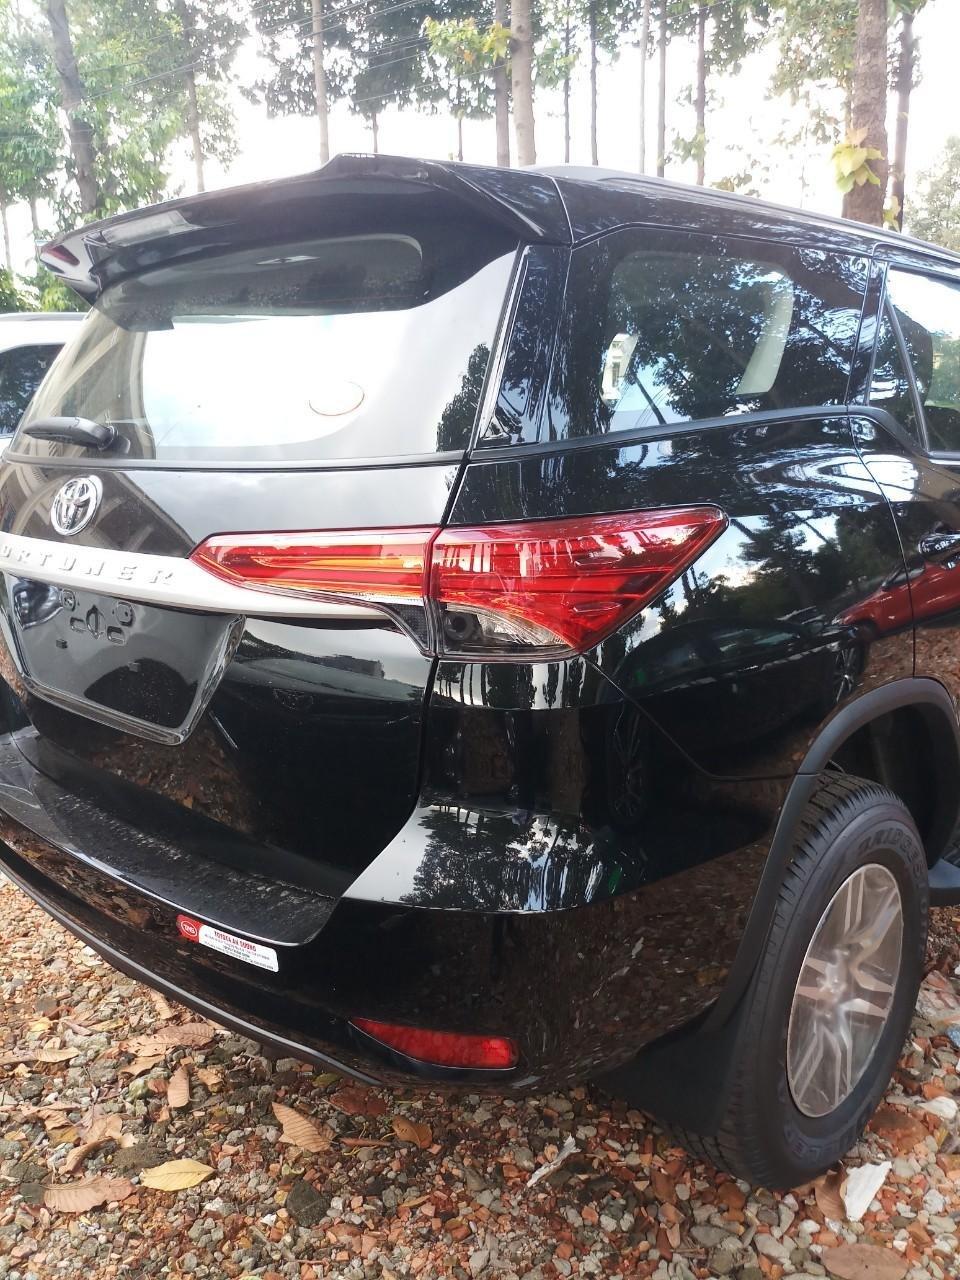 Bán Toyota Fortuner 2.4G MT 2019, hỗ trợ 54tr lệ phí trước bạ + Phiếu nhiên liệu 10tr, nhận xe từ 250tr (2)